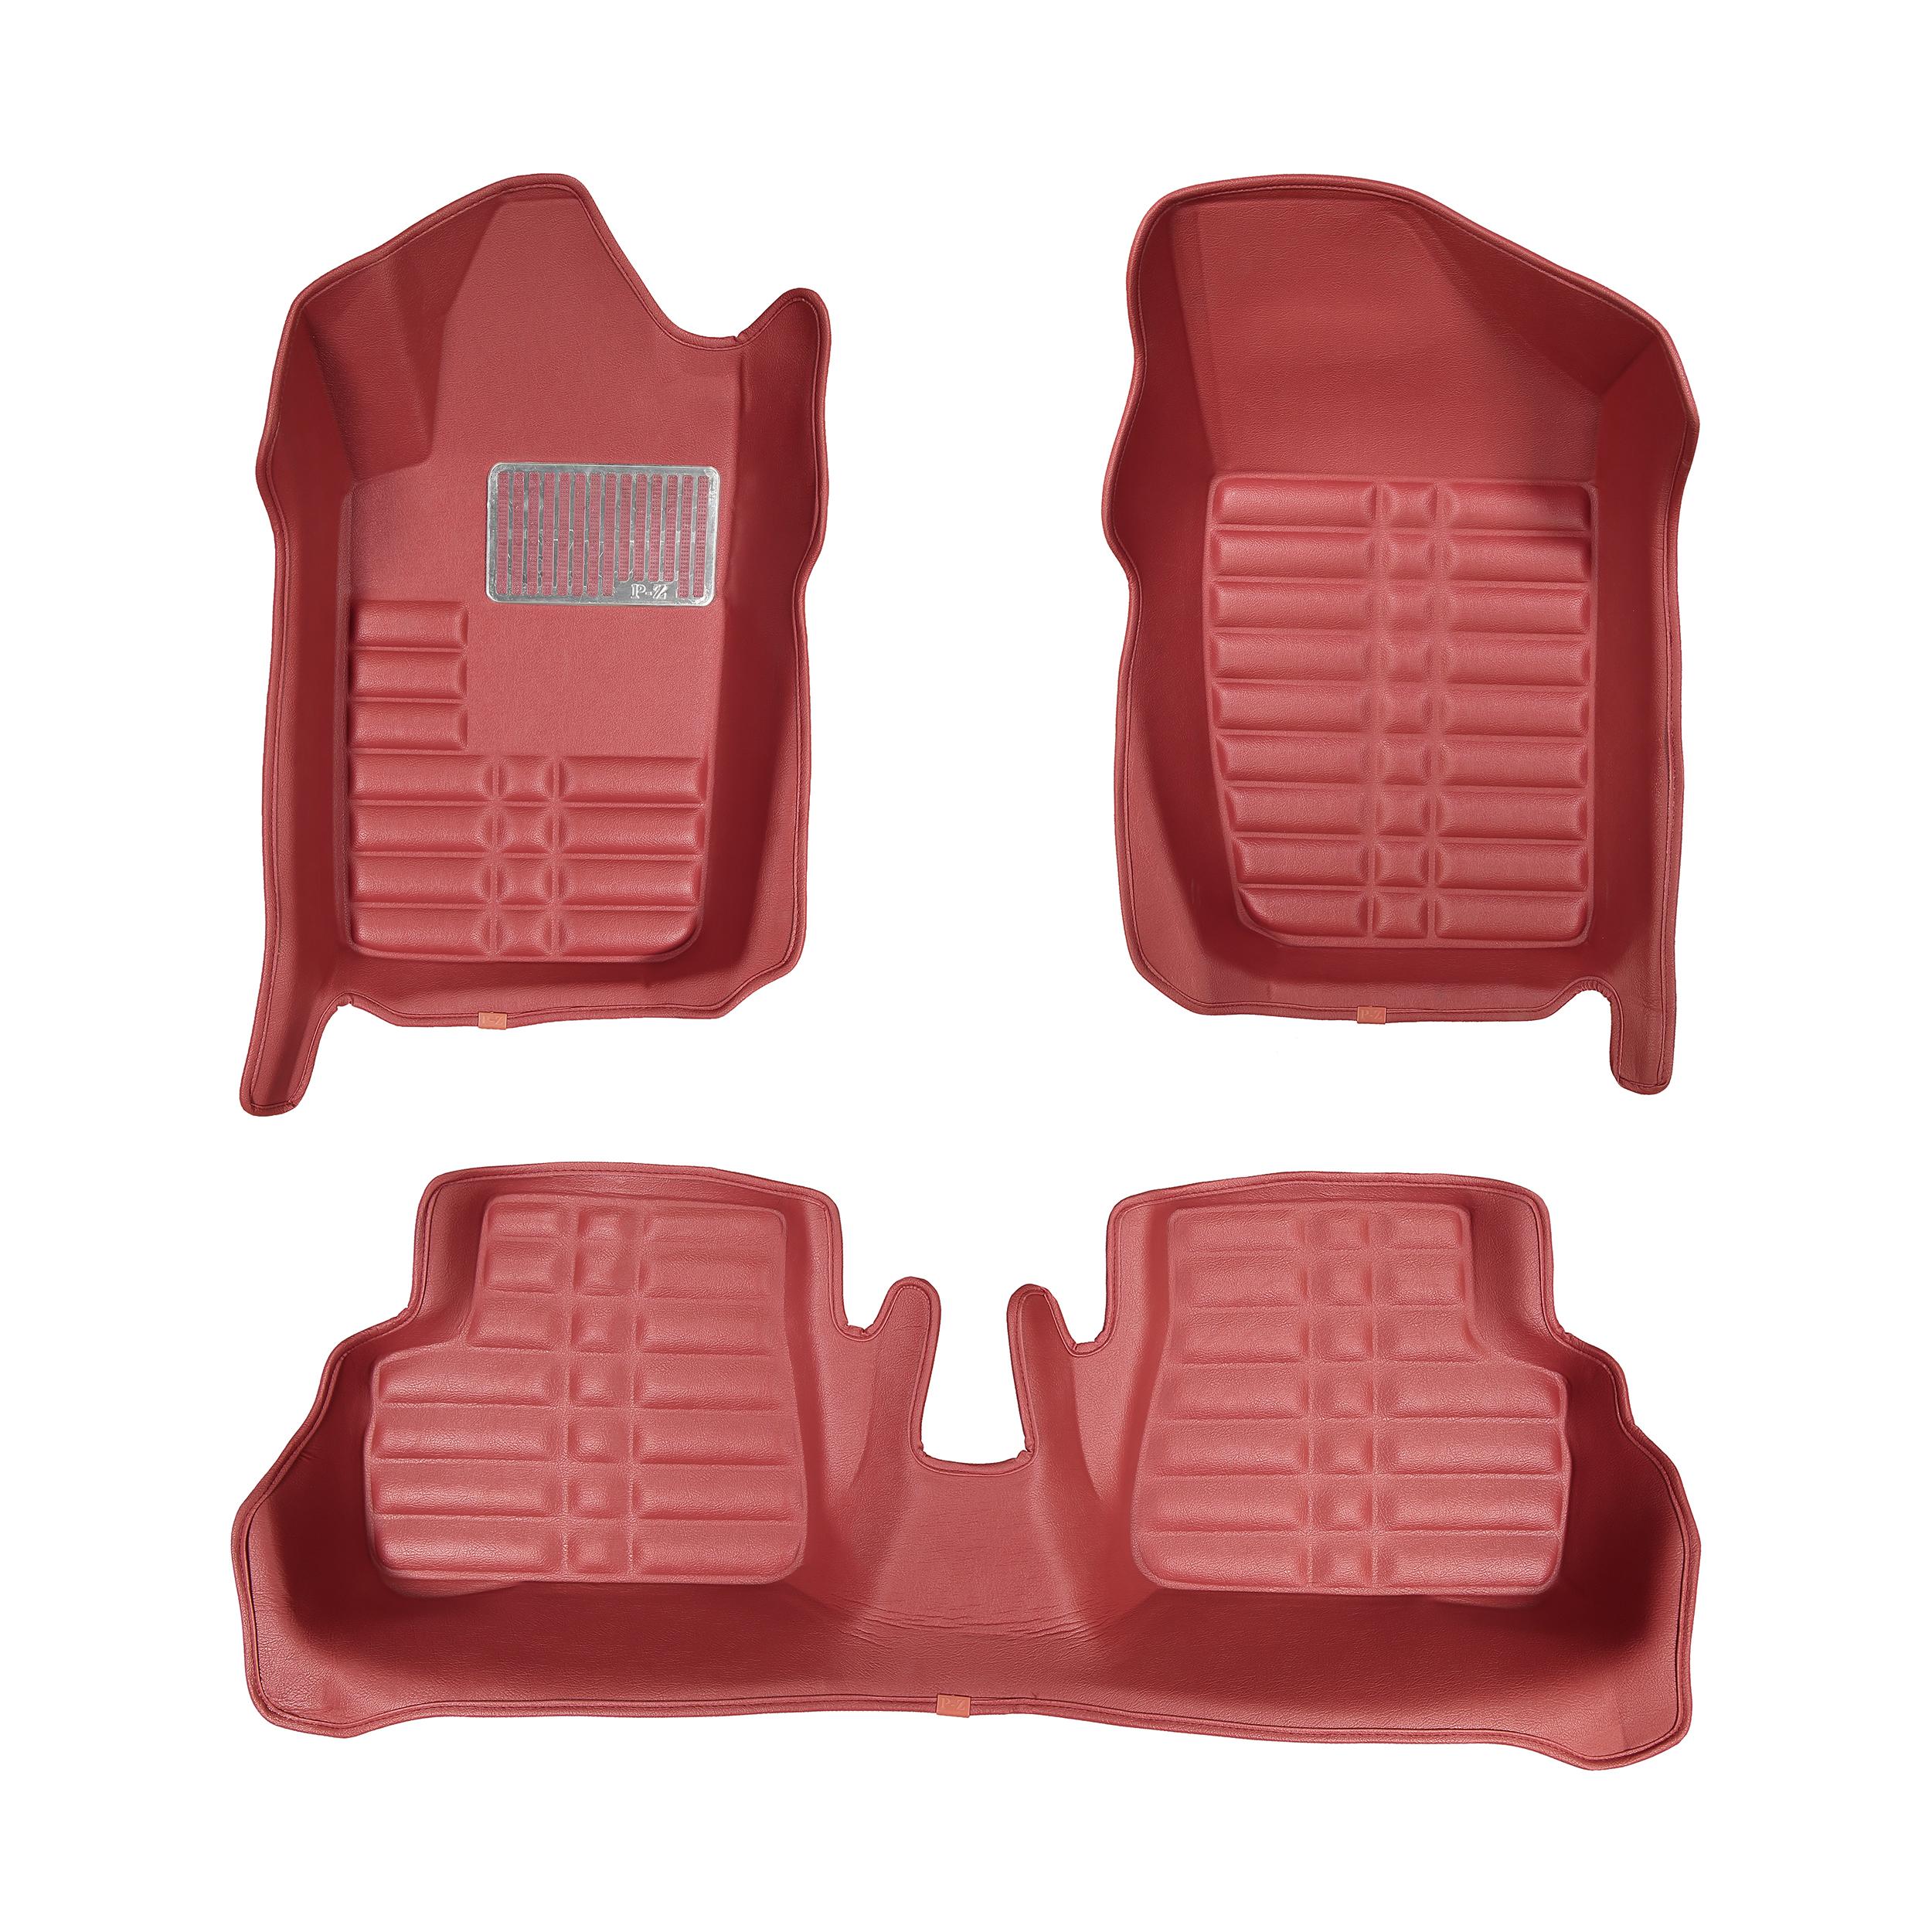 کفپوش پنج بعدی خودرو پانیذ مدل پی زد 029 مناسب برای پژو 207